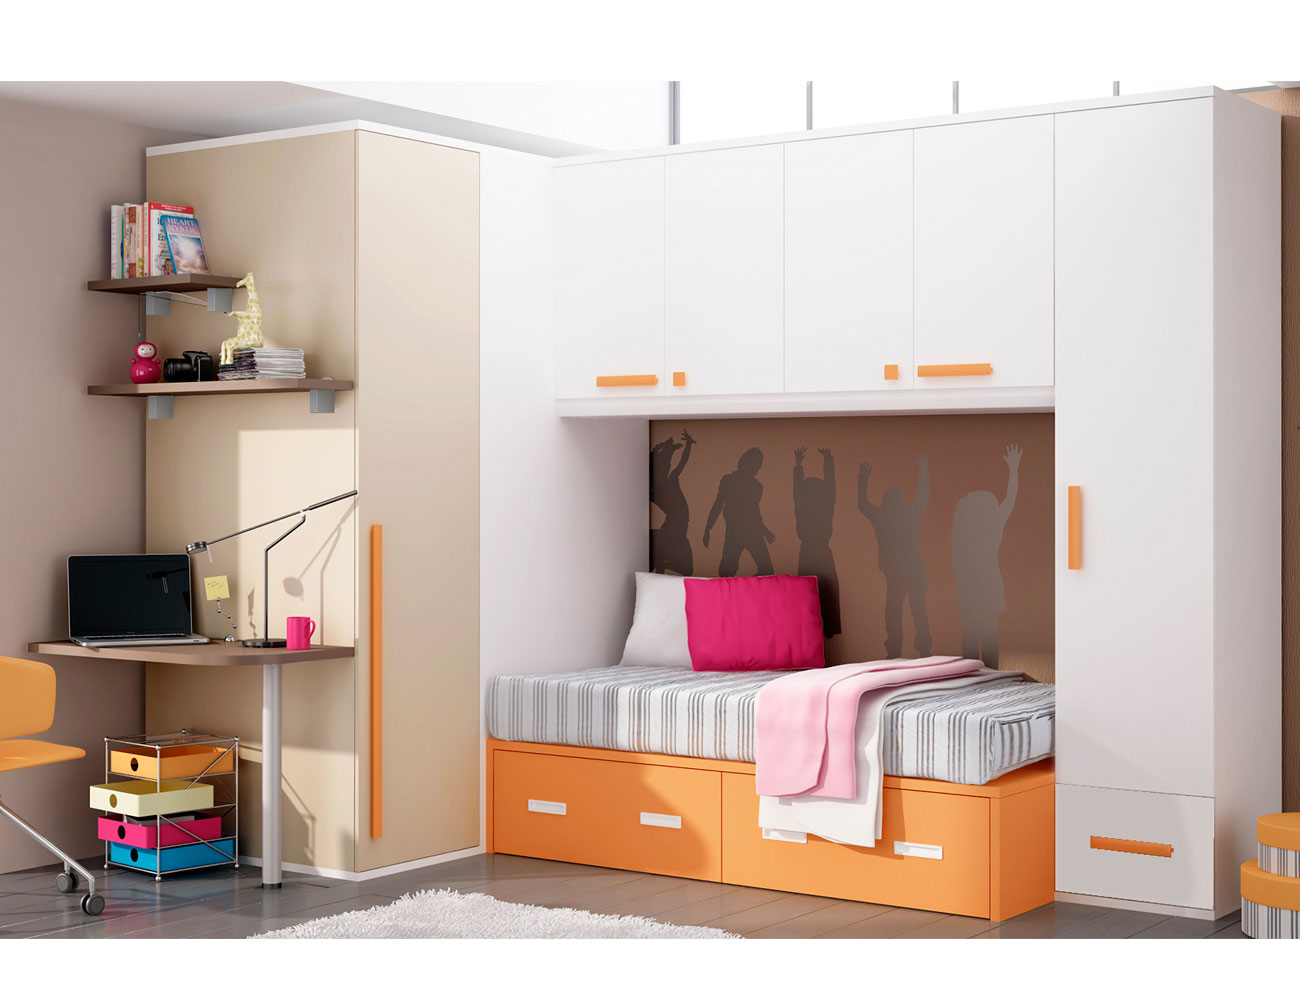 dormitorio juvenil con armario vestidor y cama puente para On cama puente juvenil